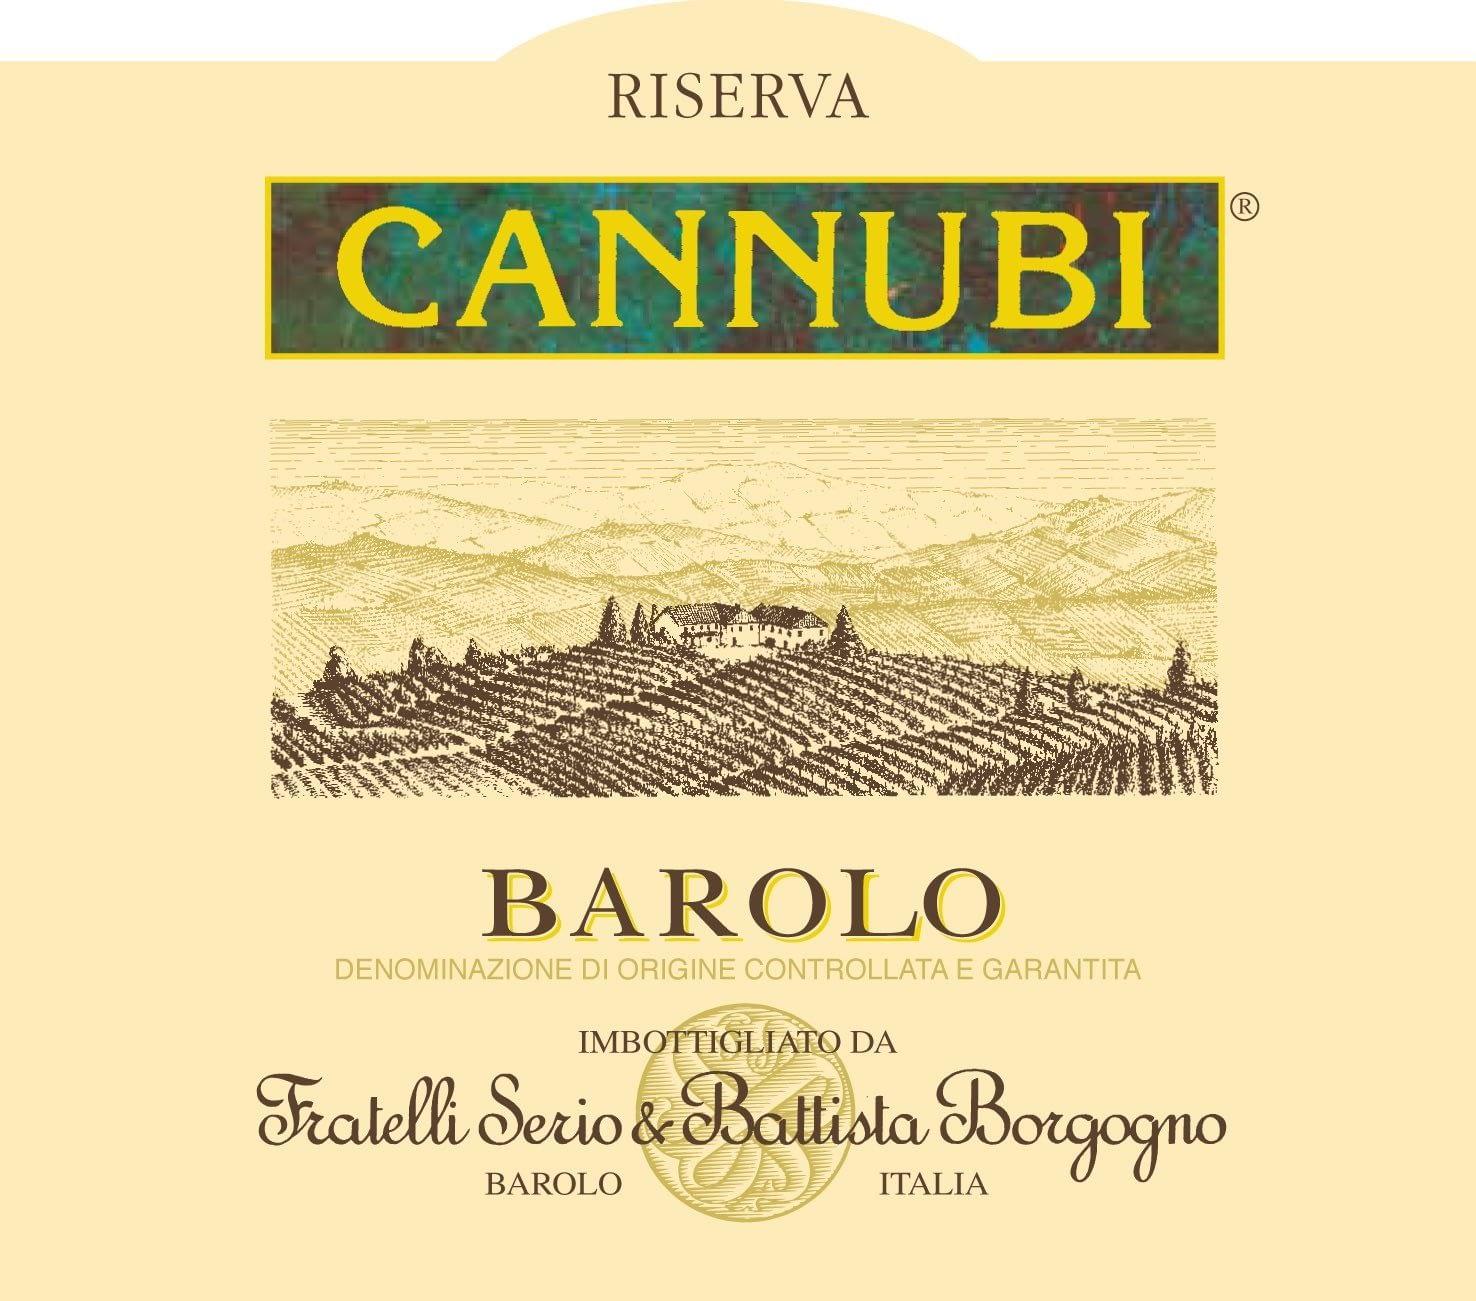 Battista Borgogno Barolo Cannubi Riserva 2009